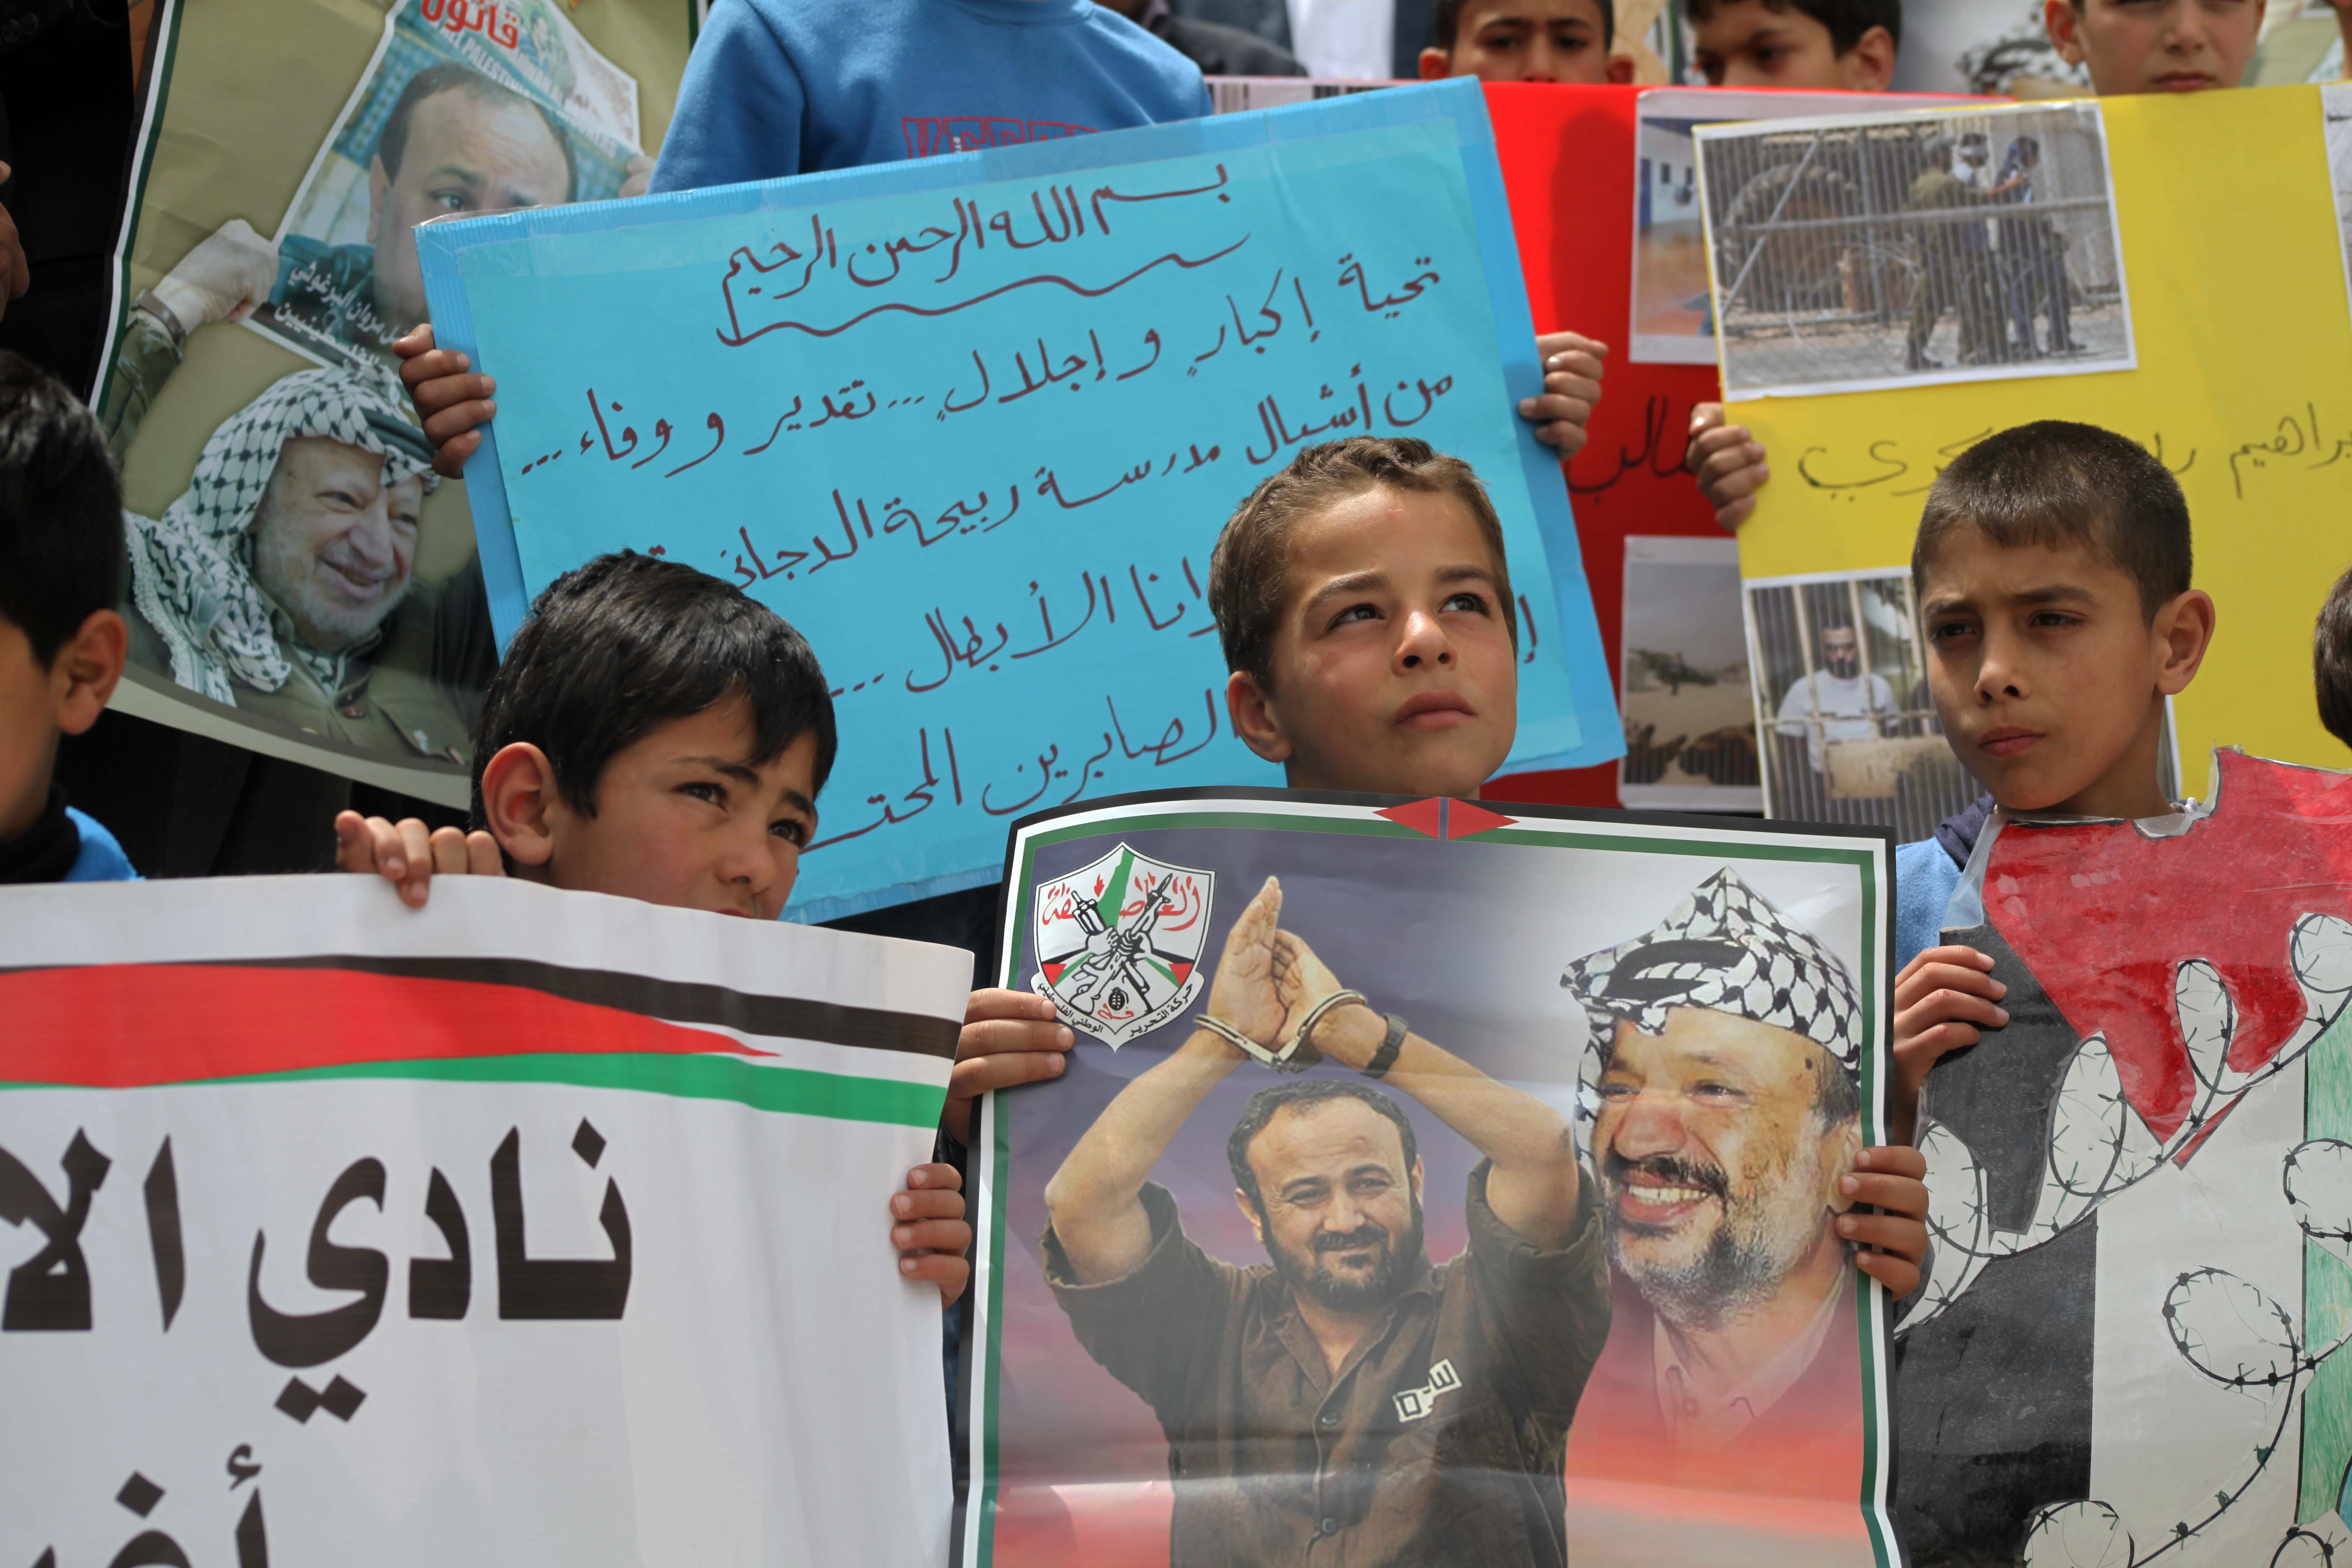 الخليل: اعتصام لأهالي الأسرى احتجاجا على سياسة المنع الامني